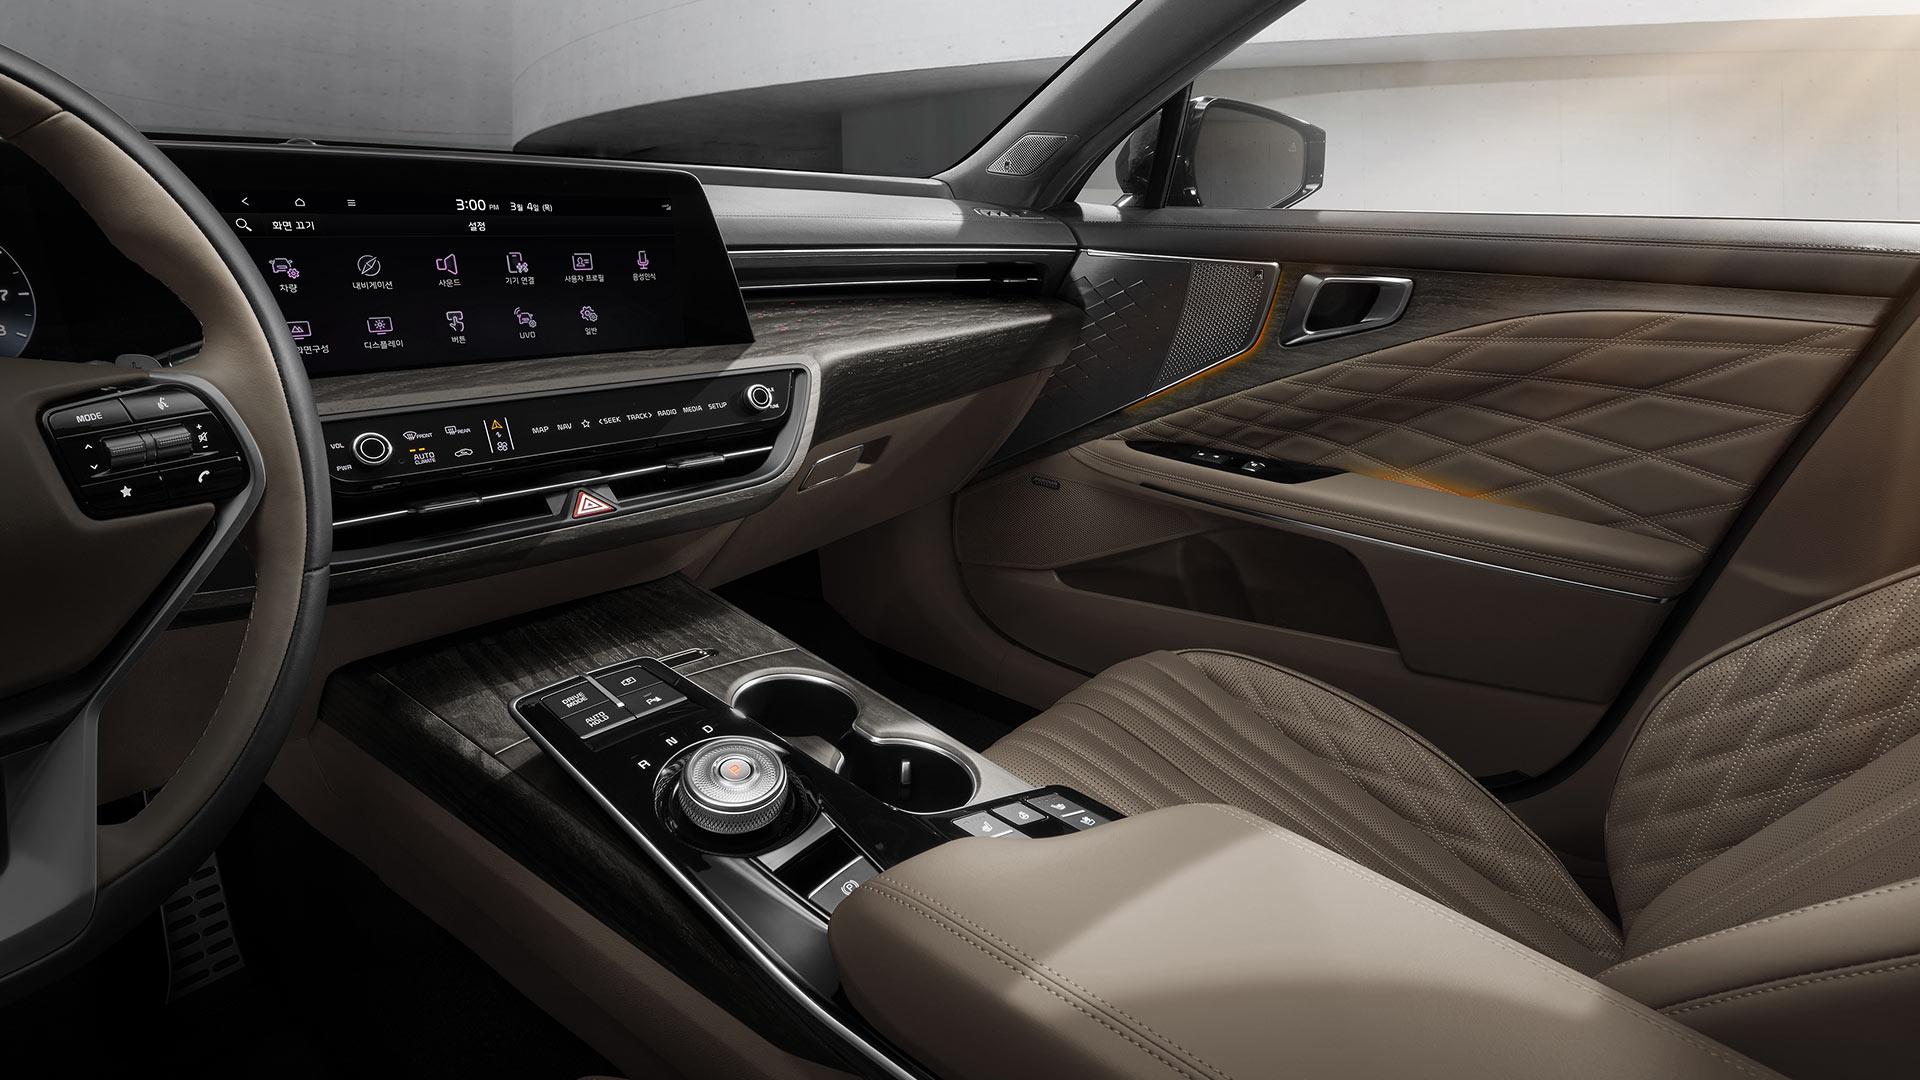 The Kia K8 Front Passenger Seat